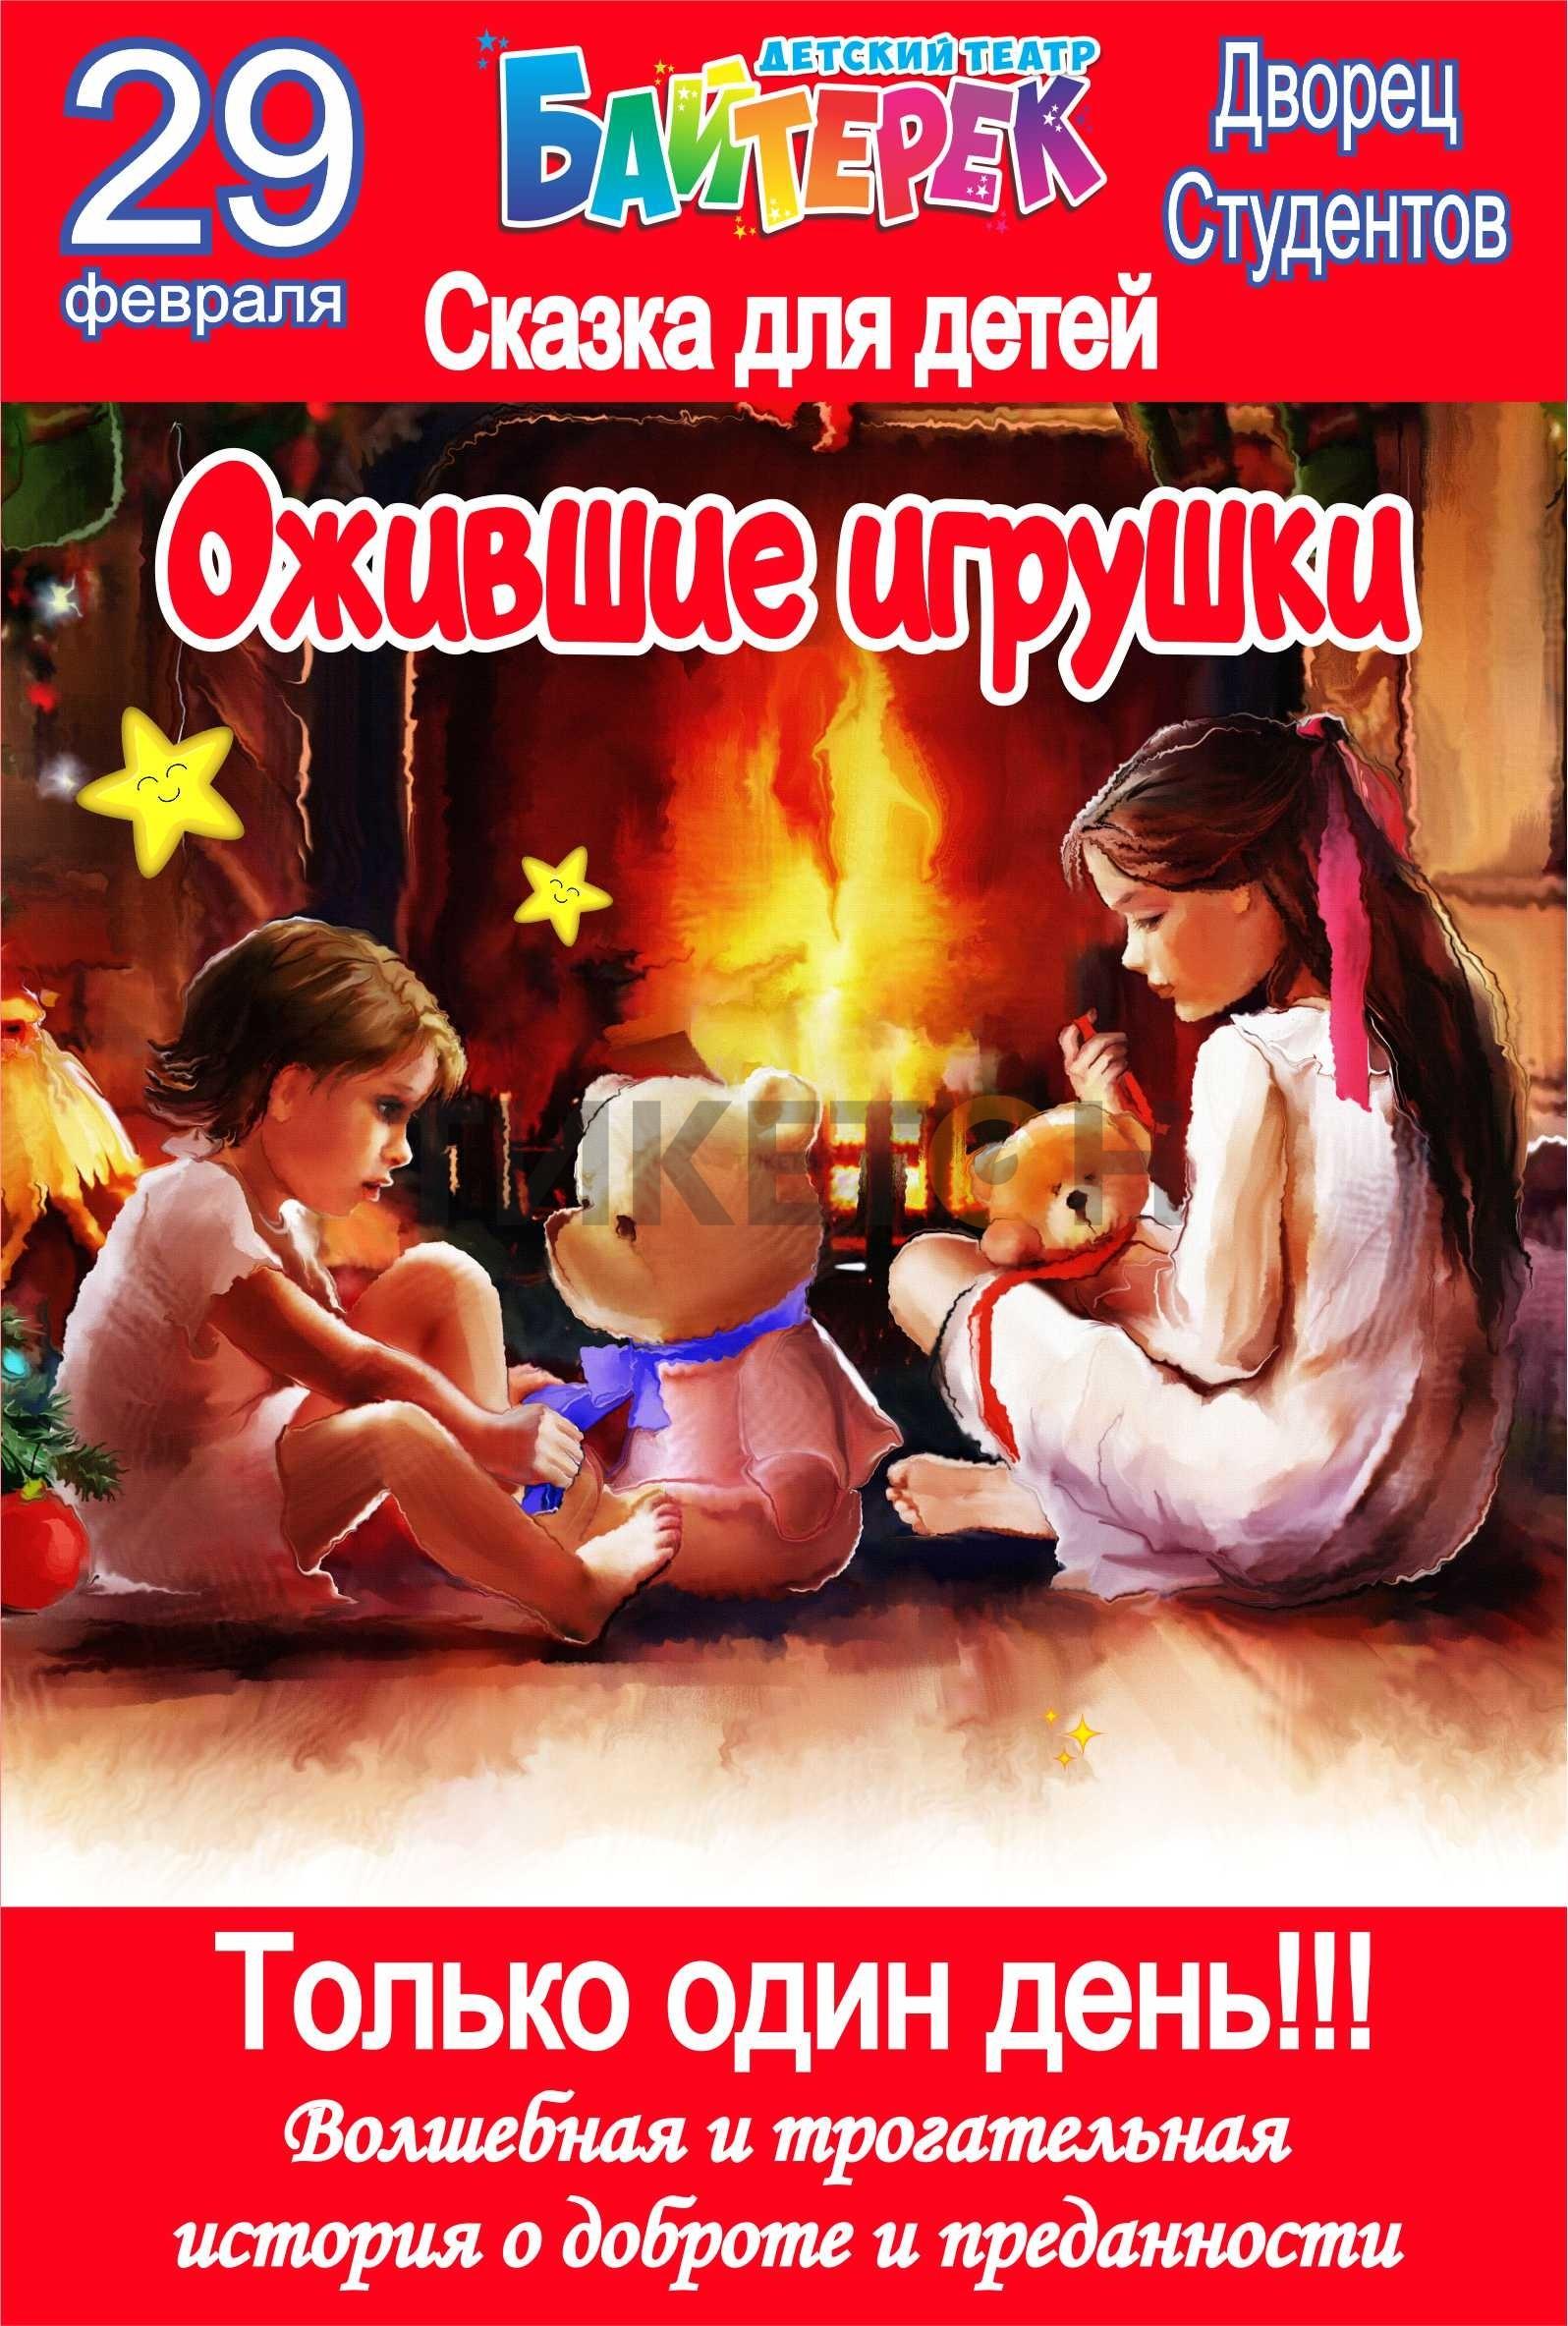 https://ticketon.kz/files/media/17649u30705_ozhivshie-igrushki-teatr-baiterek.jpg